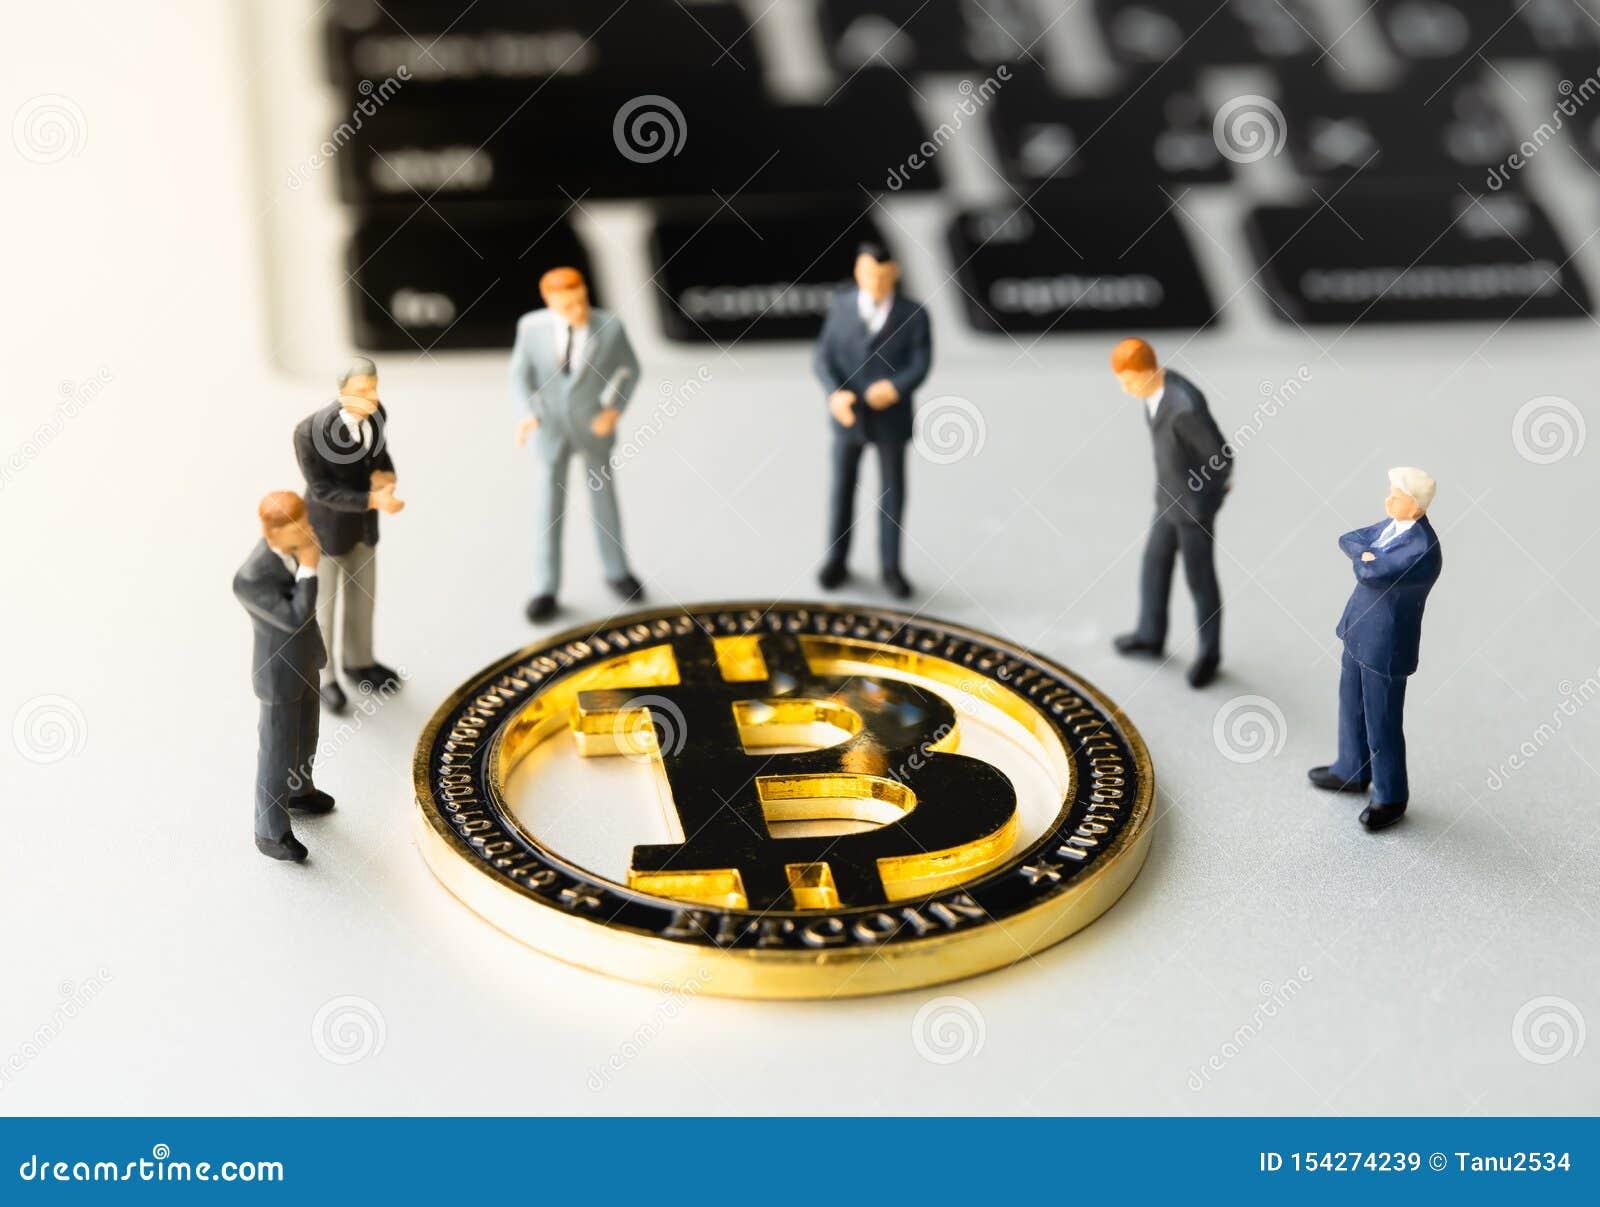 Pièce de monnaie et businessmans de Bitcoin BTC sur le carnet